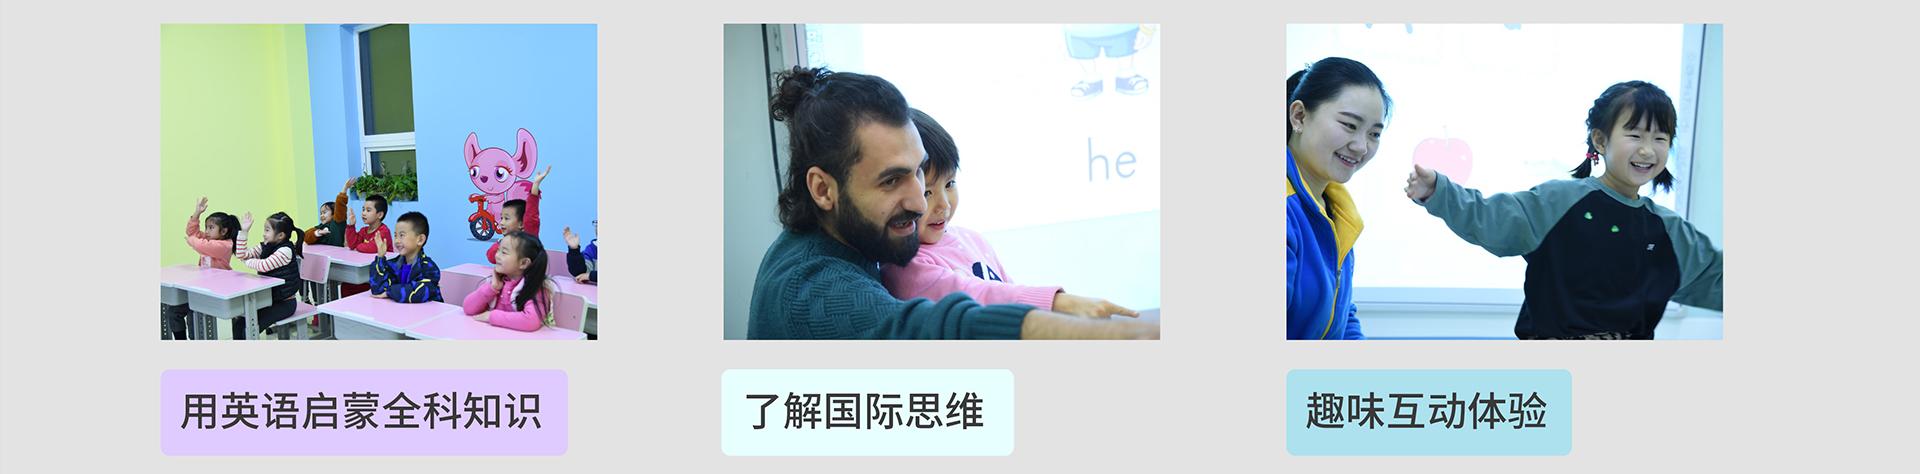 青鸟园丁学习馆qnyd_07